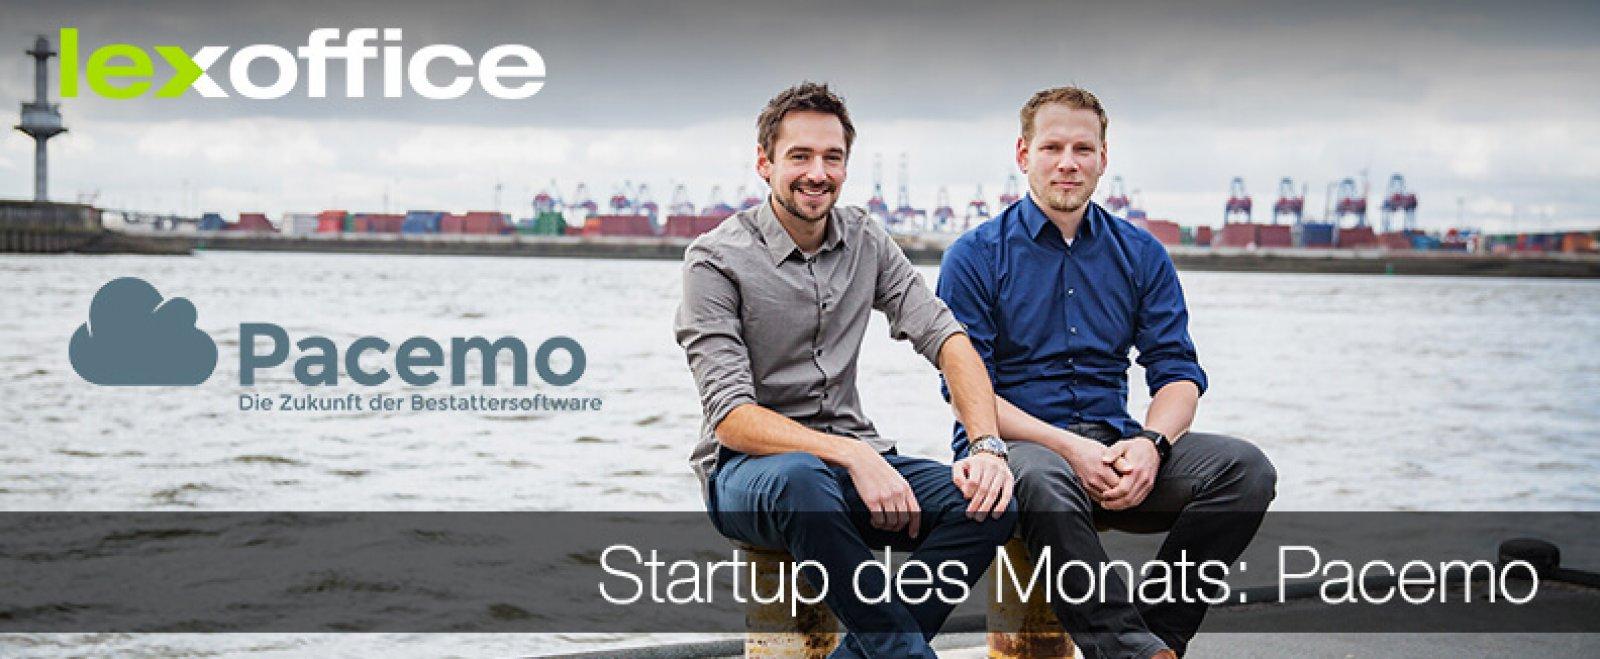 lexoffice stellt das Start-up des Monats vor: Pacemo